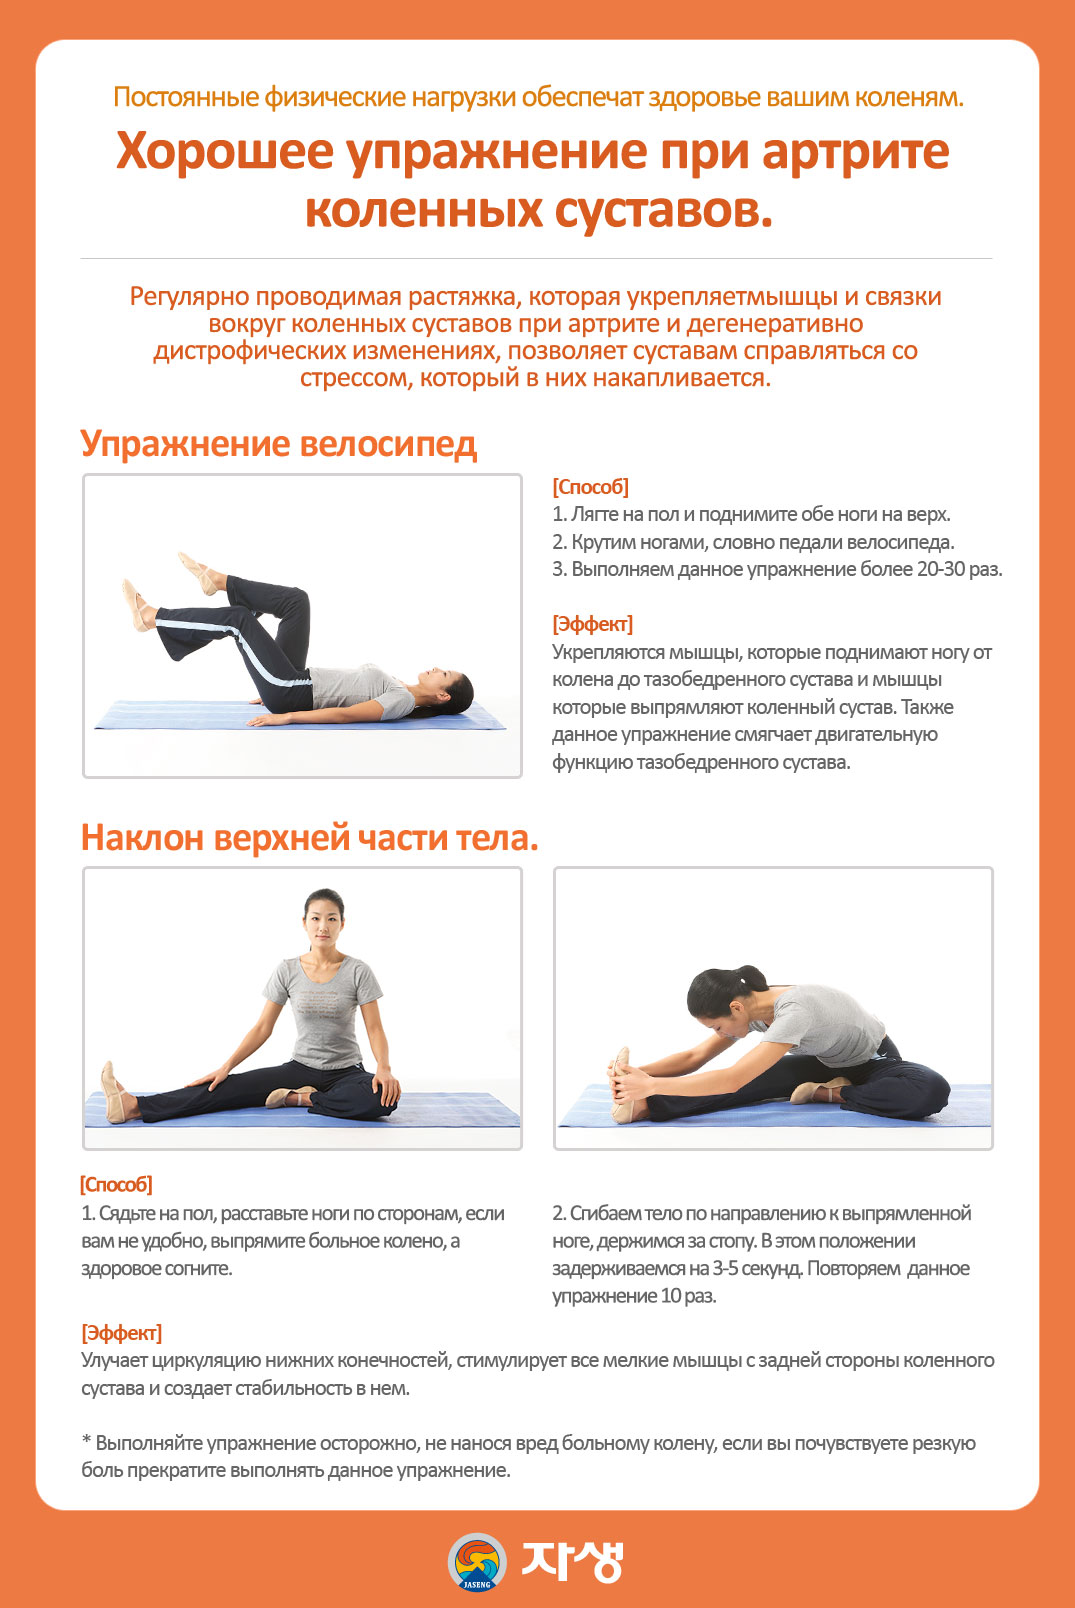 Как сделать разминку коленных суставов